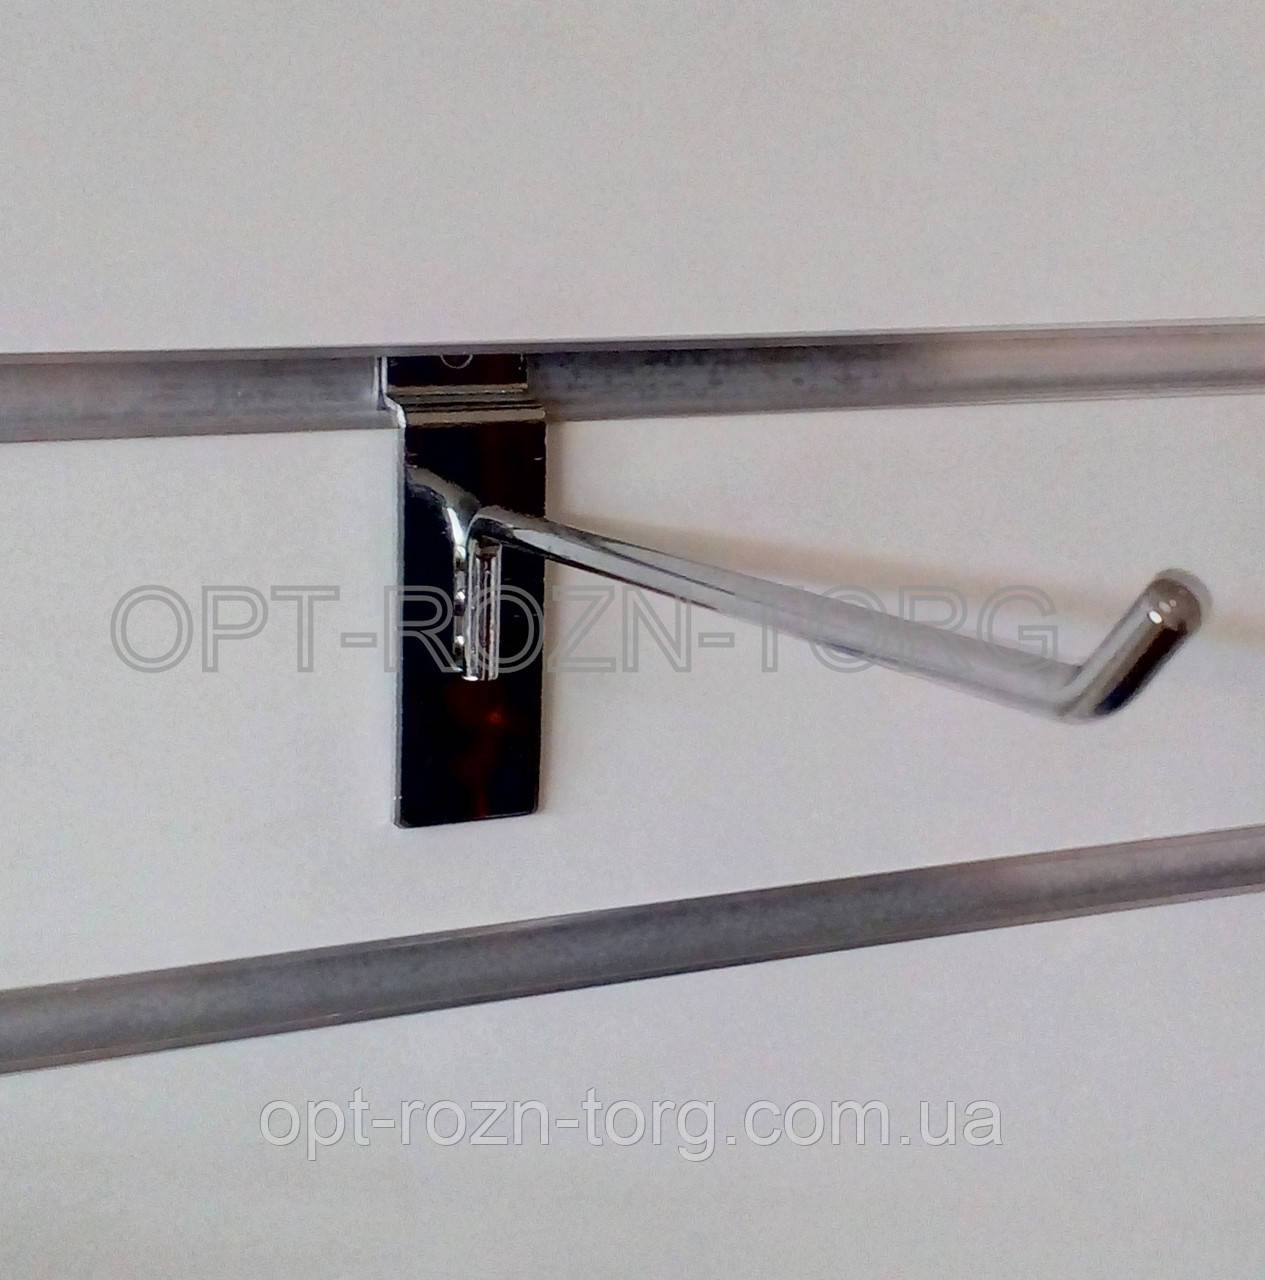 Крючок хромированный в экопанель 5 см, толщ. 6 мм.